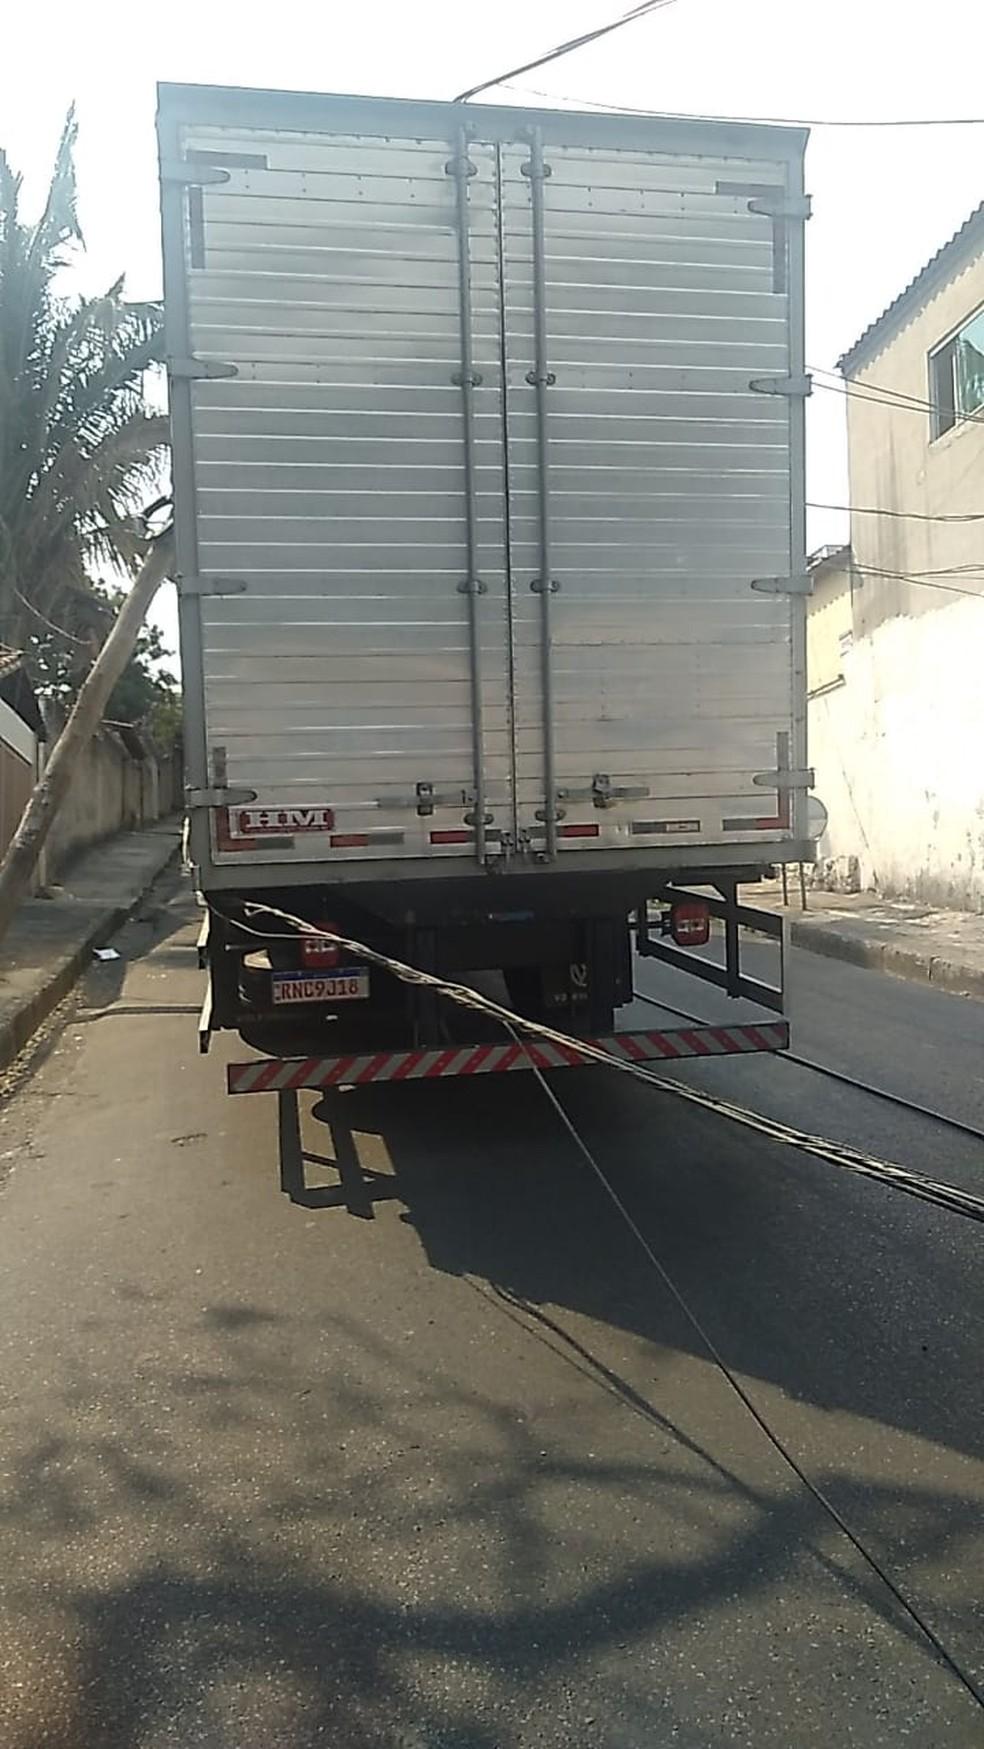 Caminhão bate em dois postes no bairro São Paulo, em BH. — Foto: Redes Sociais